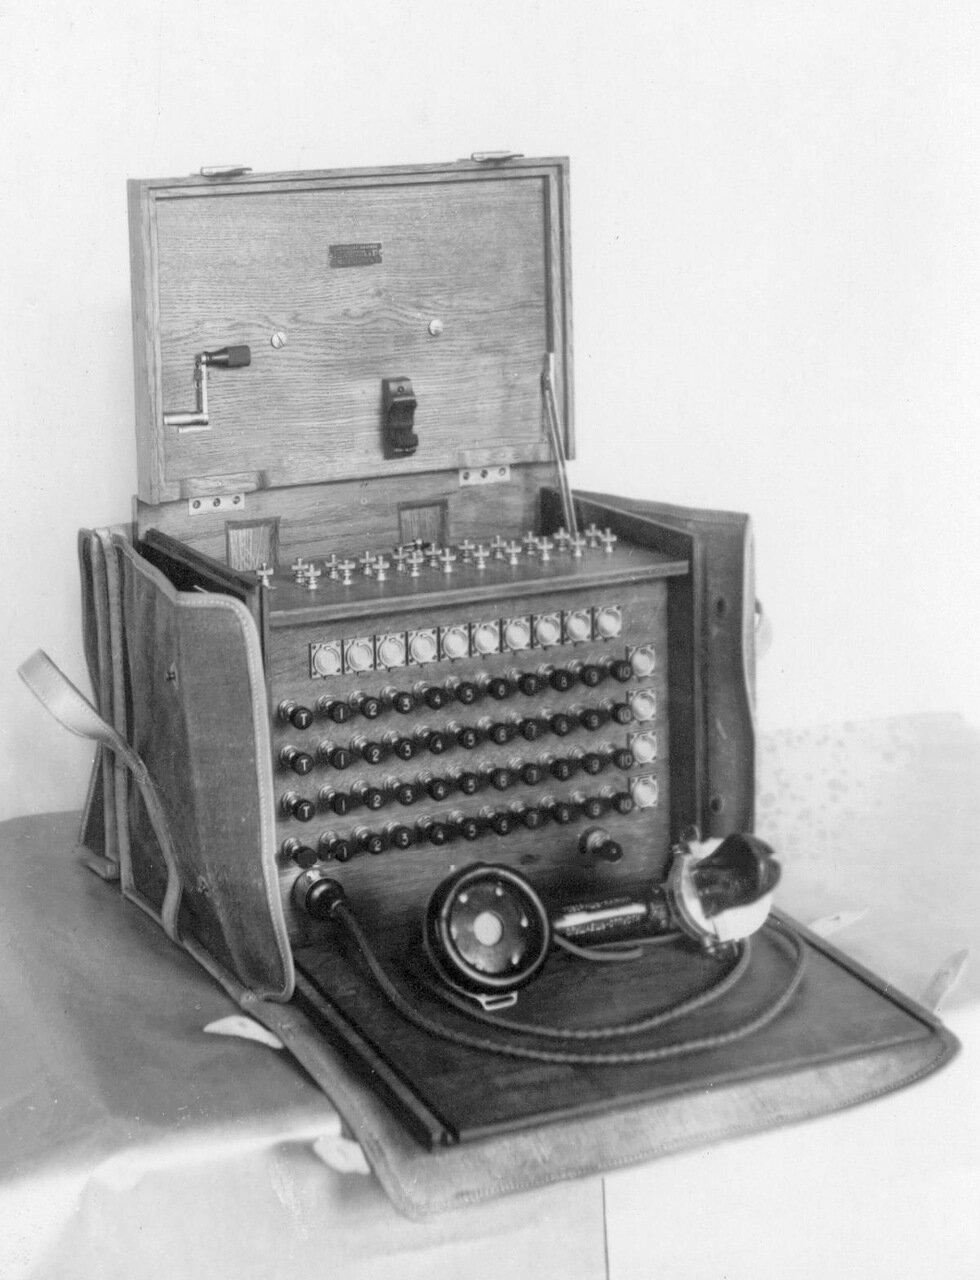 41. Внешний вид переносного телефонного коммутатора в чехле с индукторным вызовом